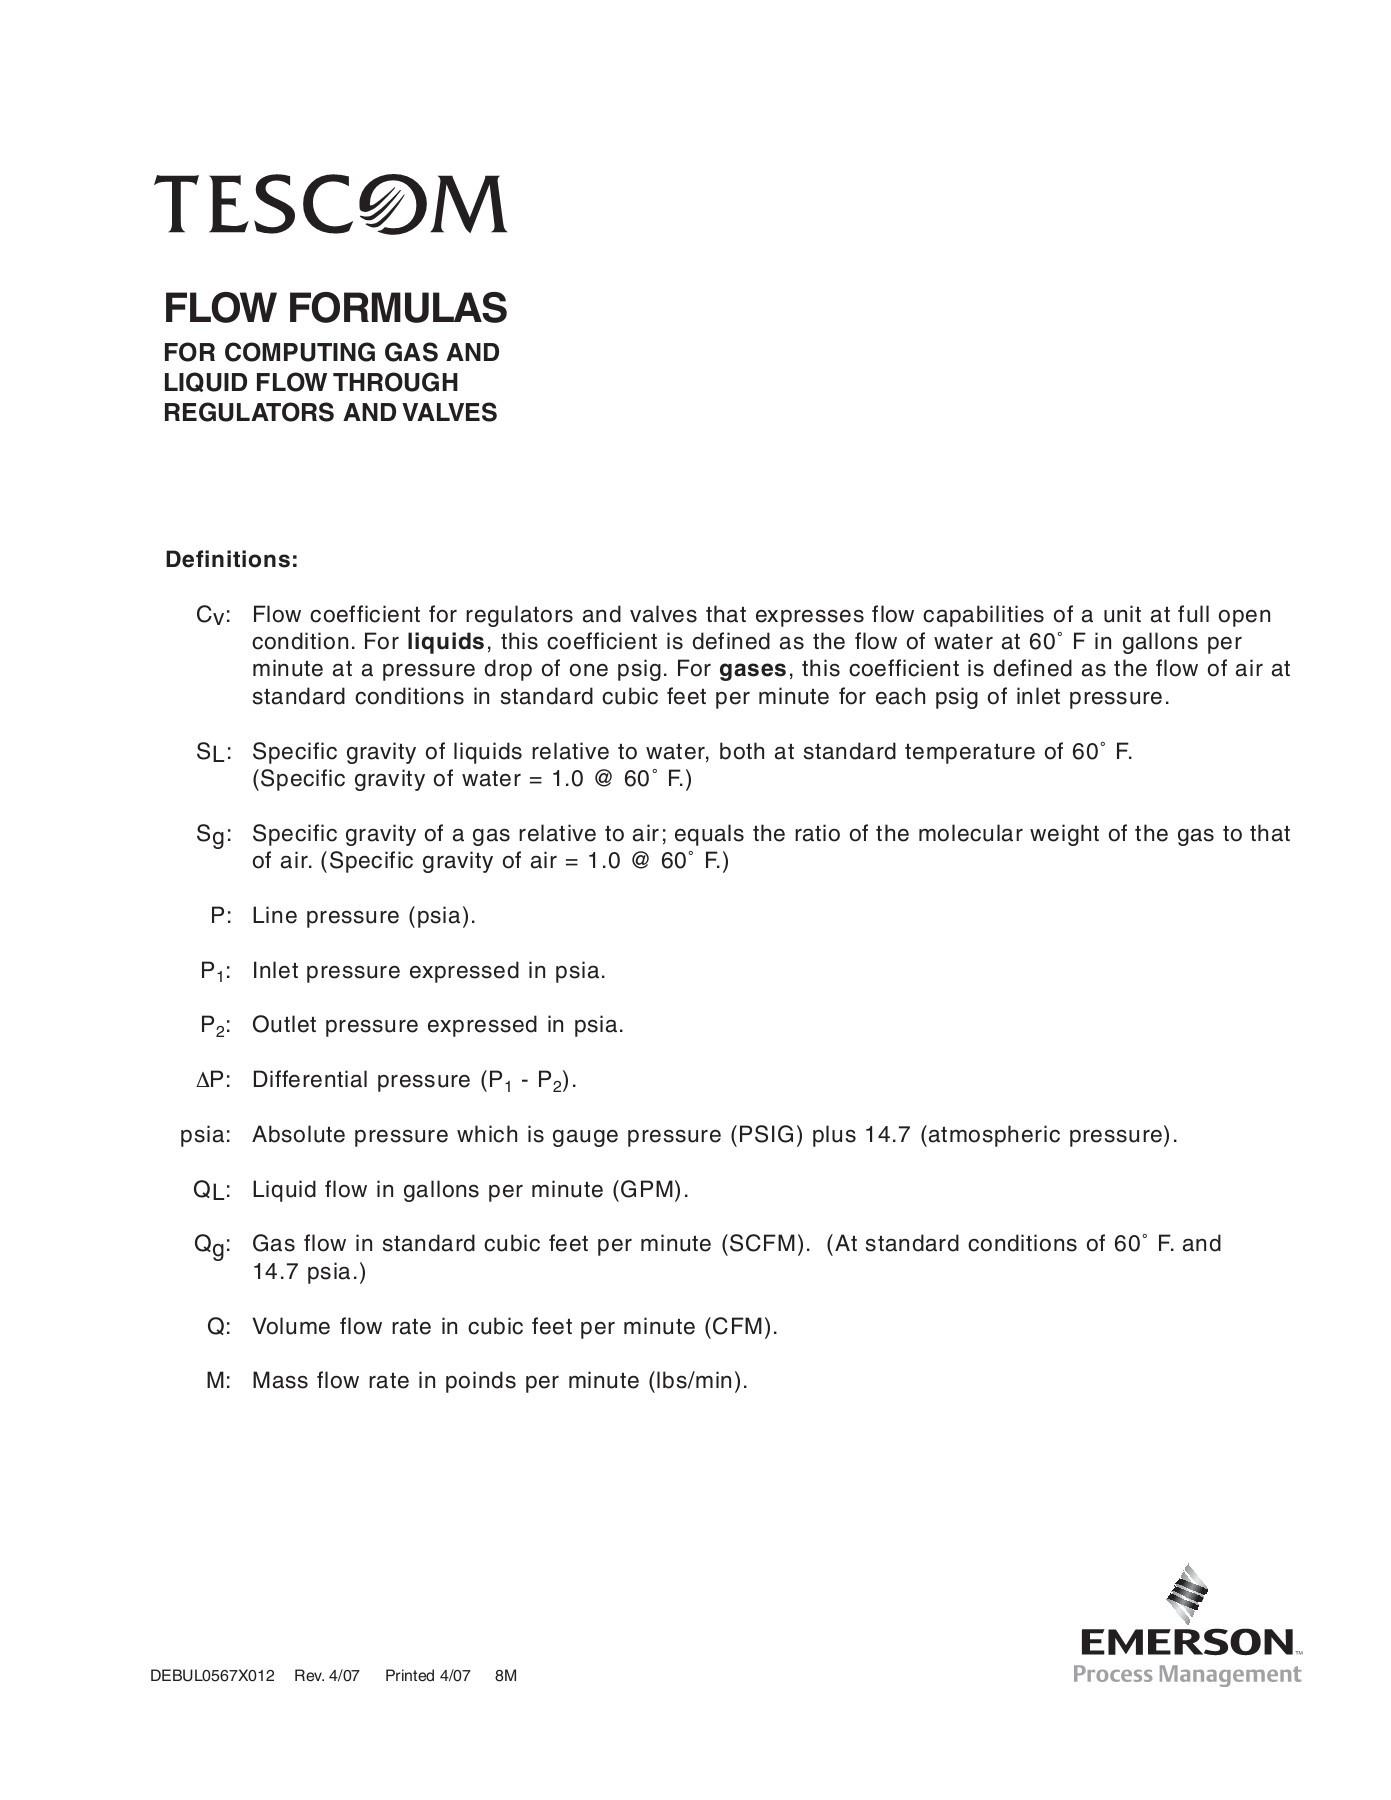 Scfm To Cfm Formula